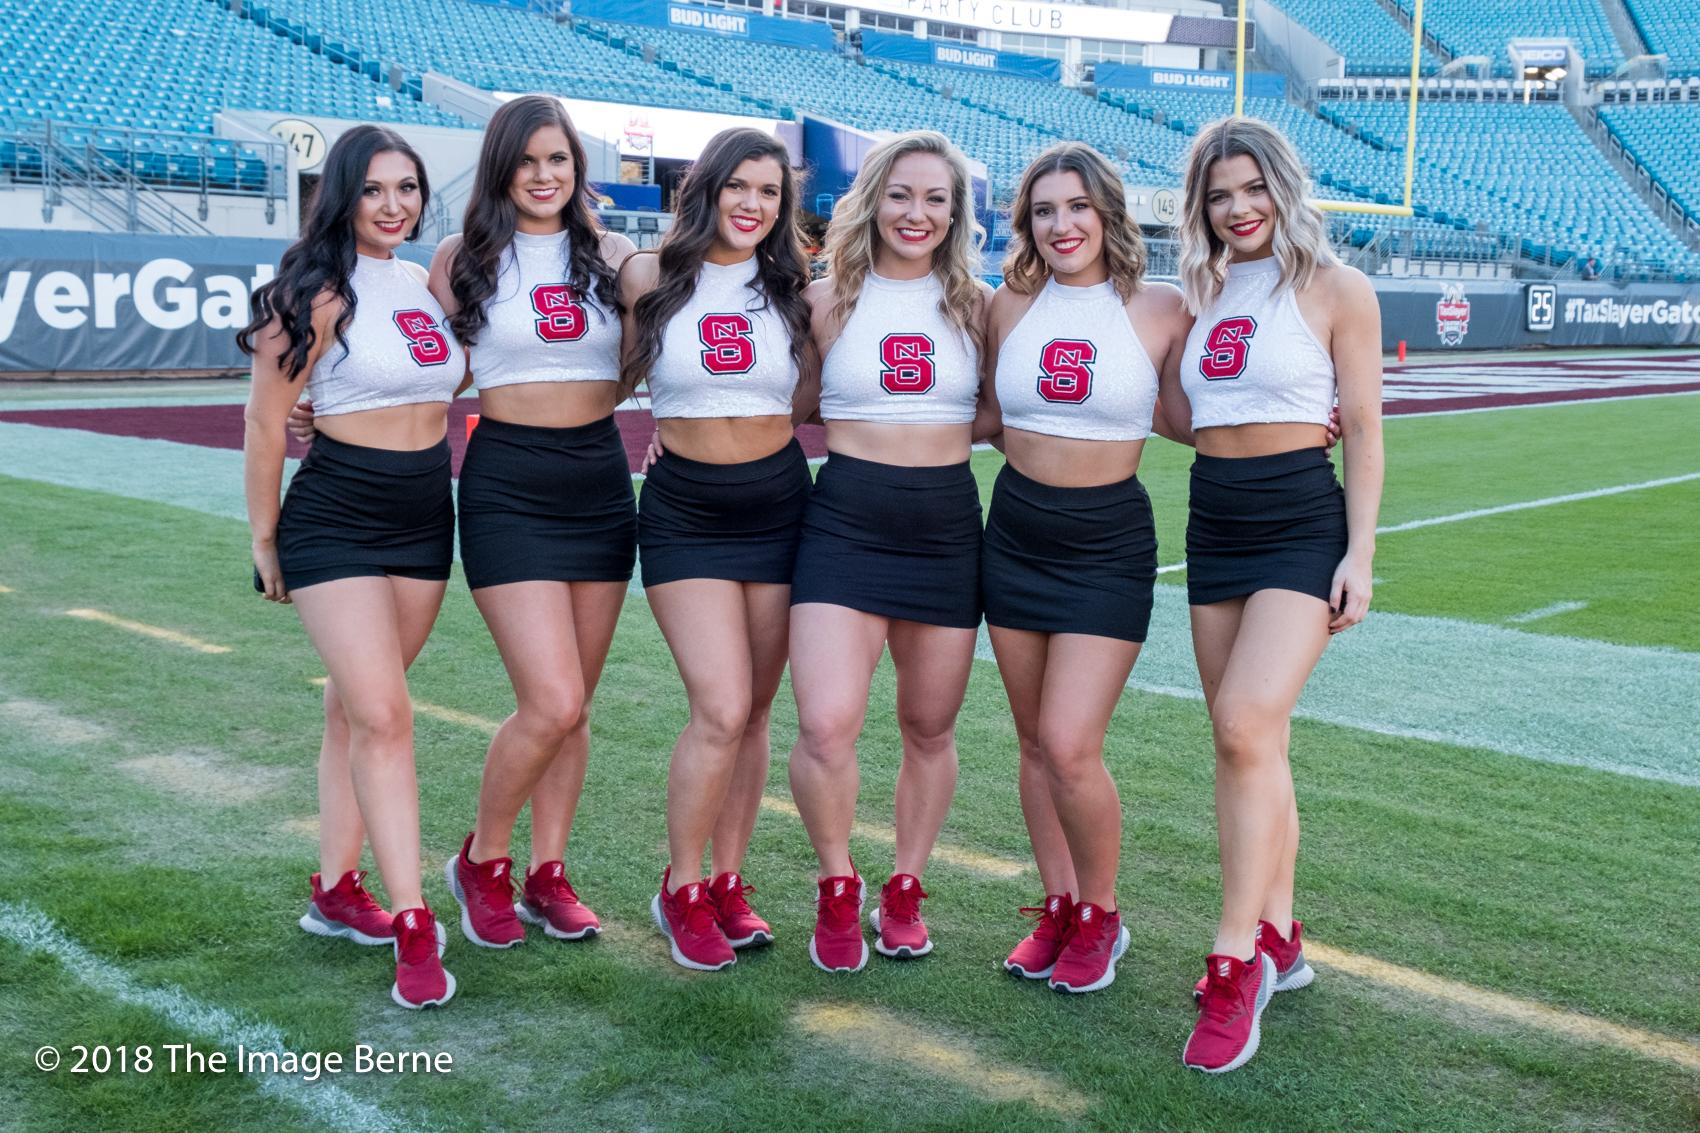 Cheerleaders-023.jpg